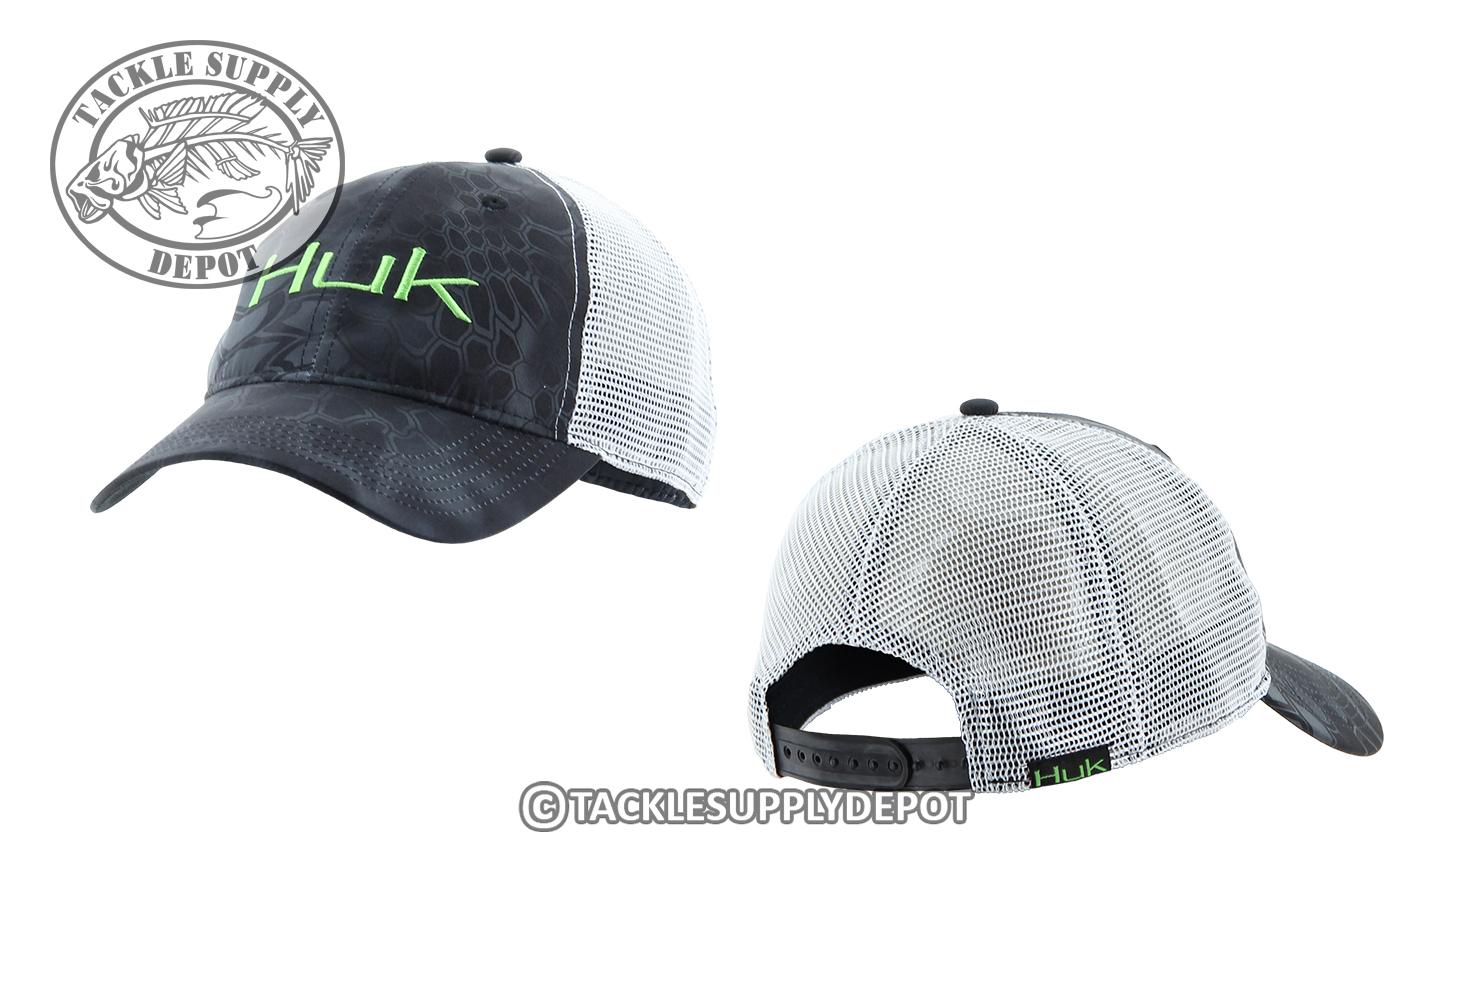 Huk fishing kryptek logo trucker cap see selection ebay for Huk fishing hats